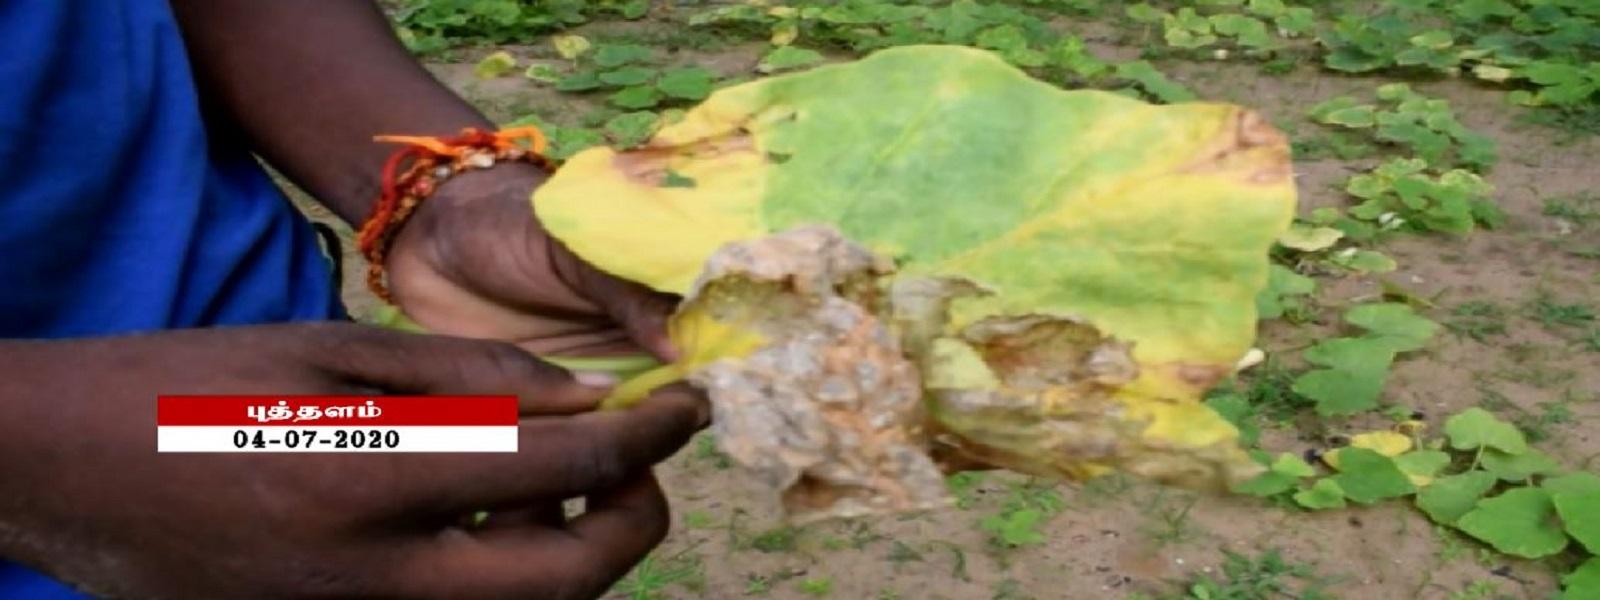 முந்தல் பகுதியில் மேற்கொள்ளப்பட்ட பூசணிச் செய்கையில் வைரஸ் தாக்கம்